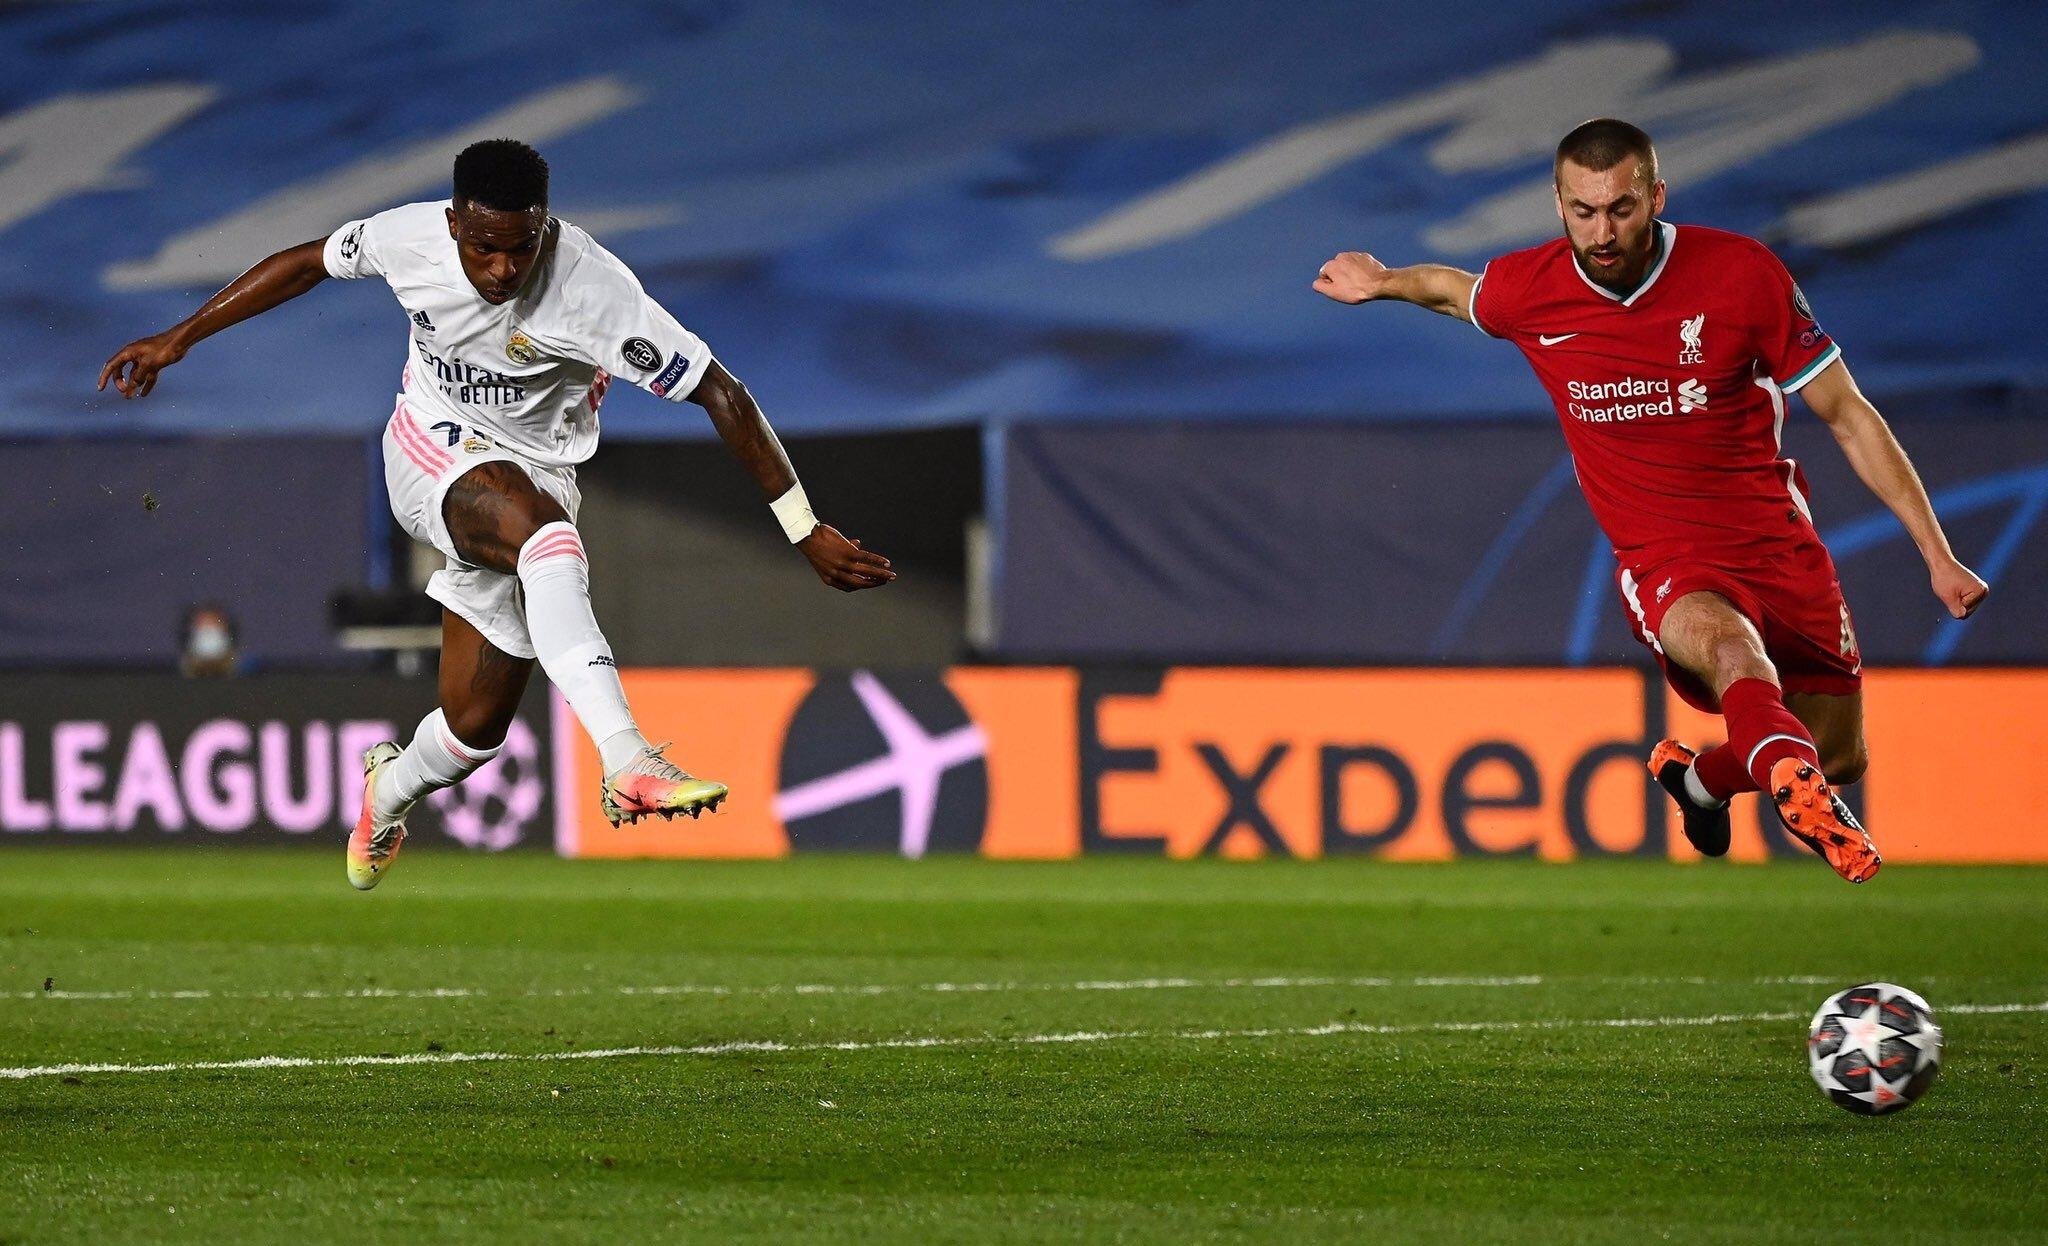 el Real Madrid venció 3-1 al Liverpool en el partido de ida de los cuartos de final de la Liga de Campeones